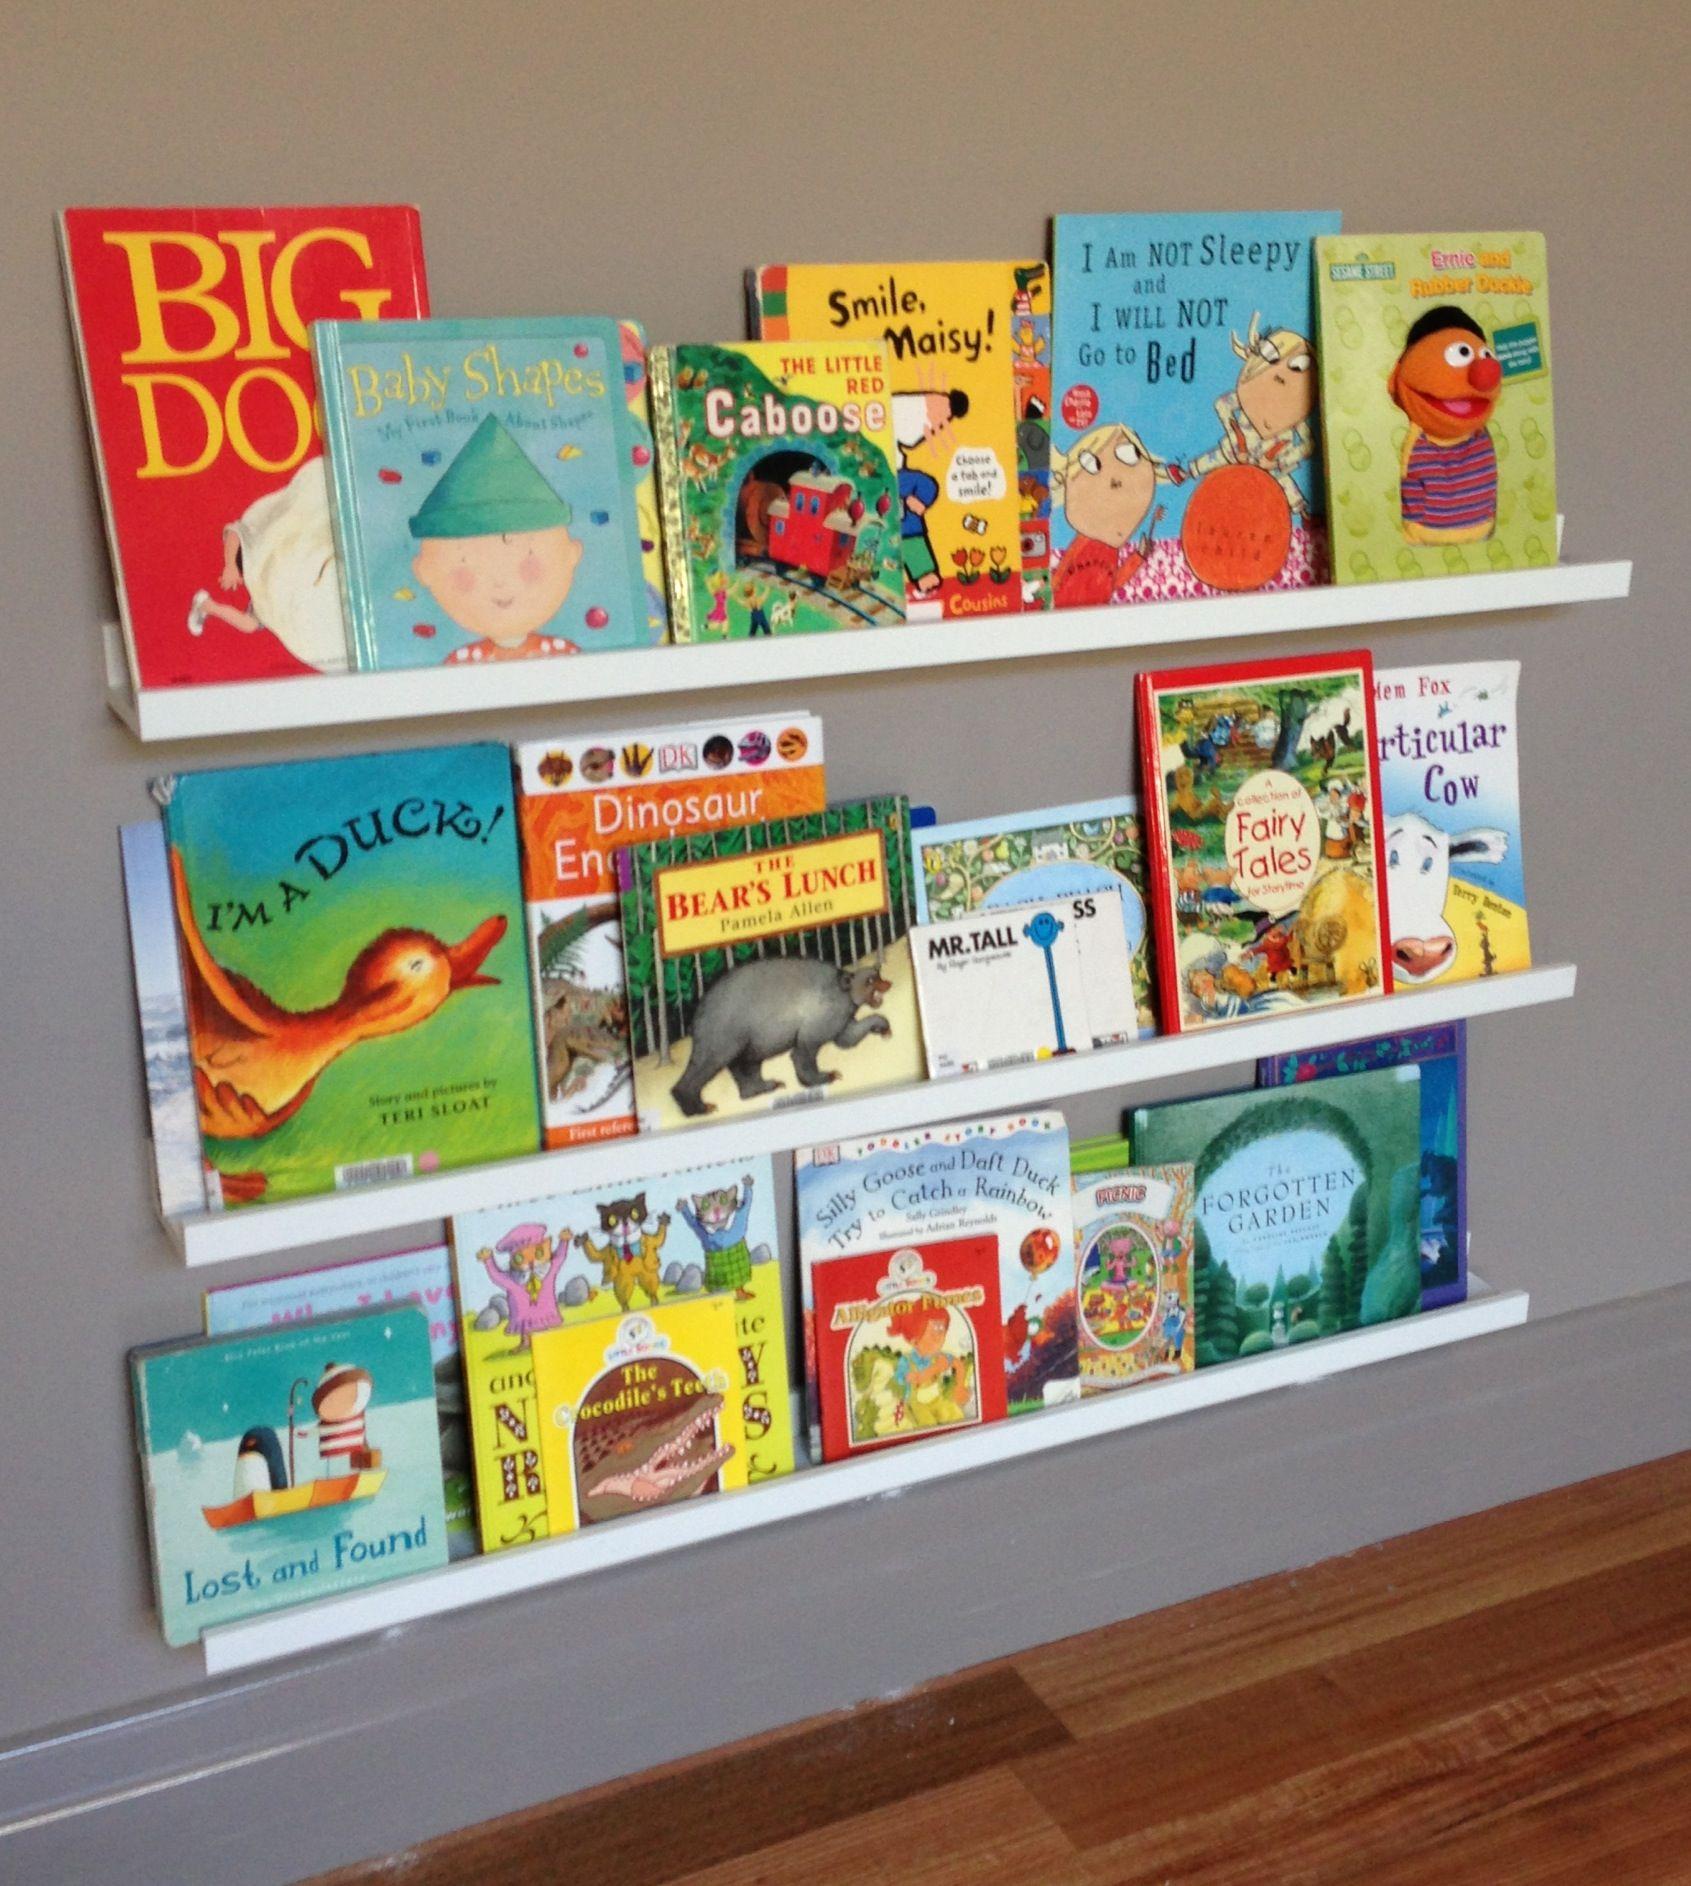 Ikea Frame Shelves As Kids Book Shelf. I Think It Looks